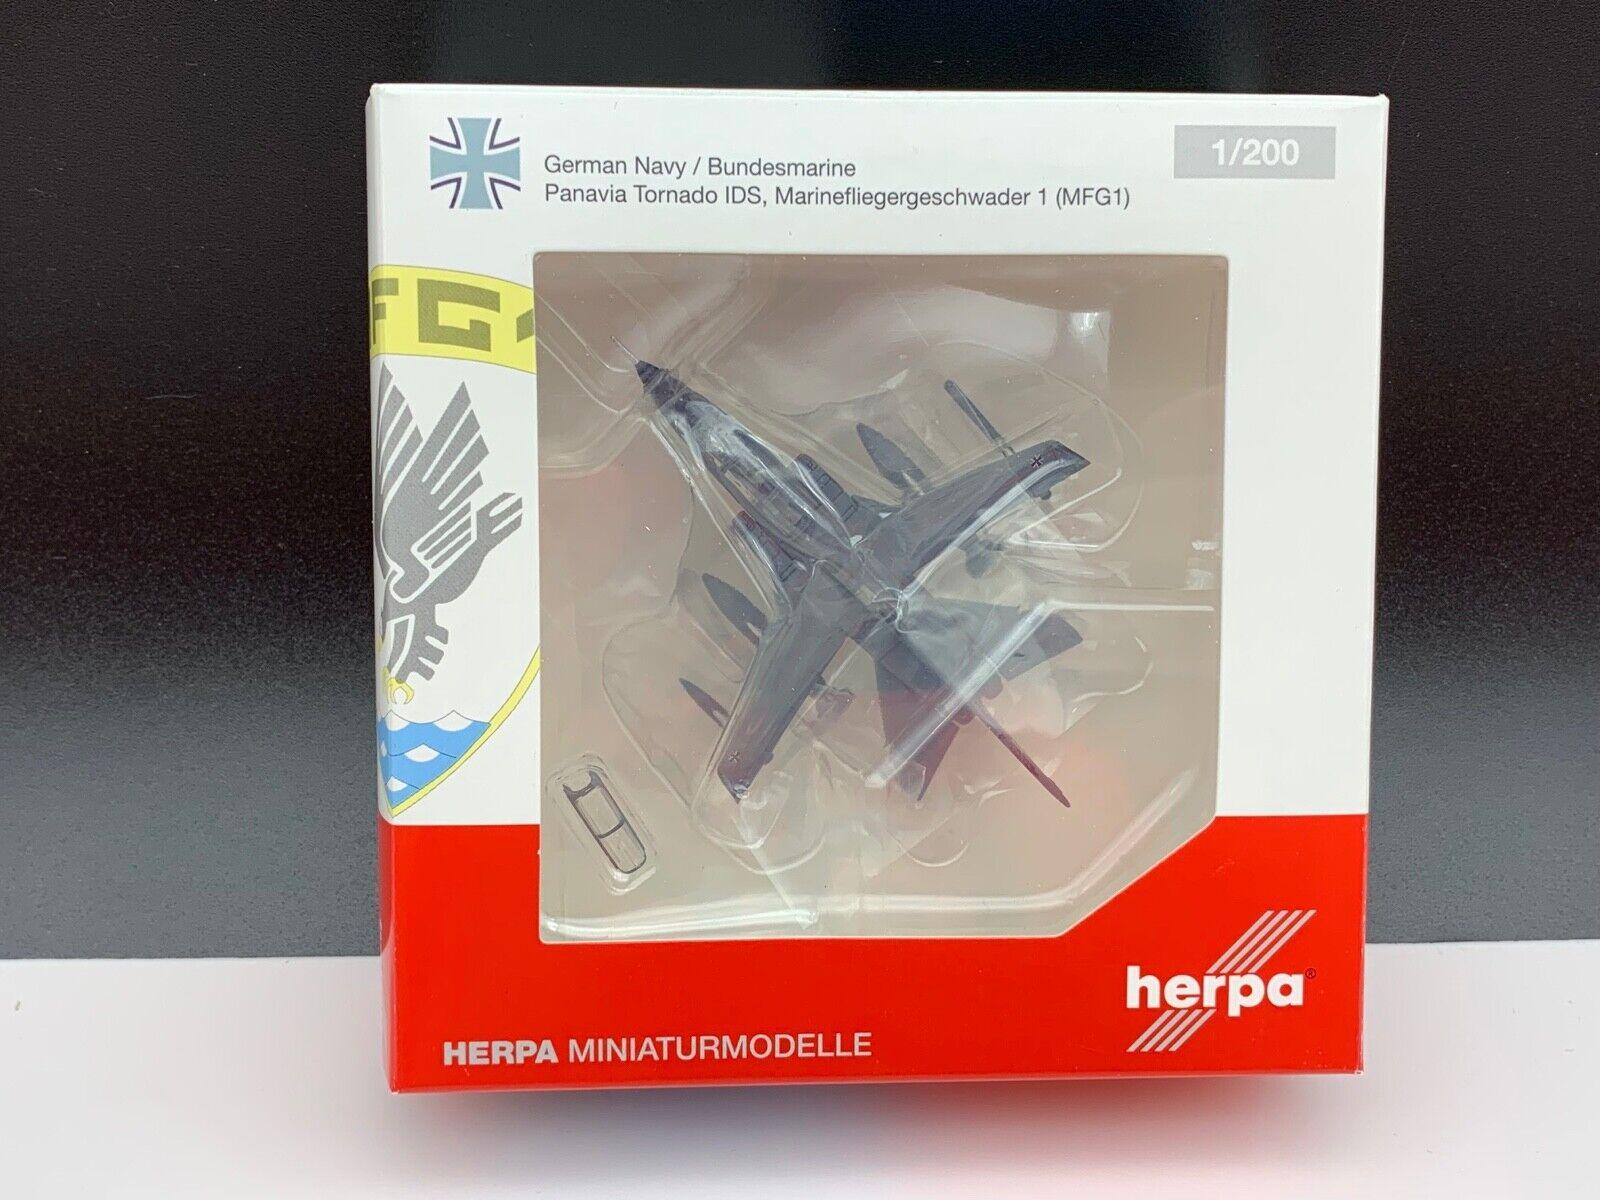 Herpa Flugzeug 555906 MiniaturModelllle Flugzeug 1 200. Nie ausgeVerpackungt. top